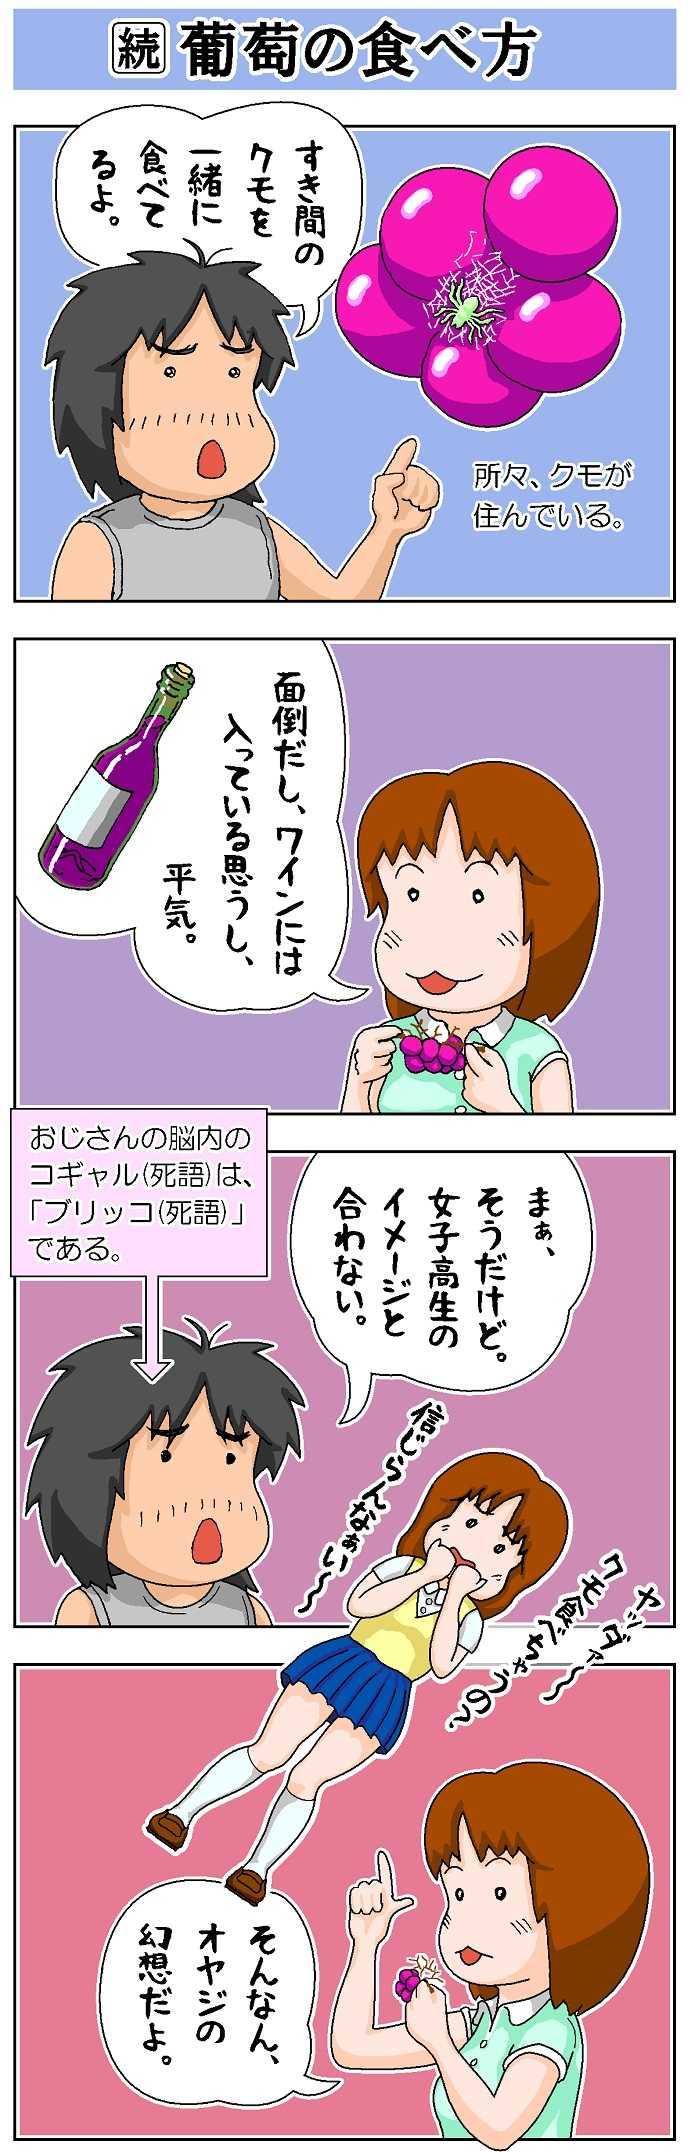 葡萄の食べ方